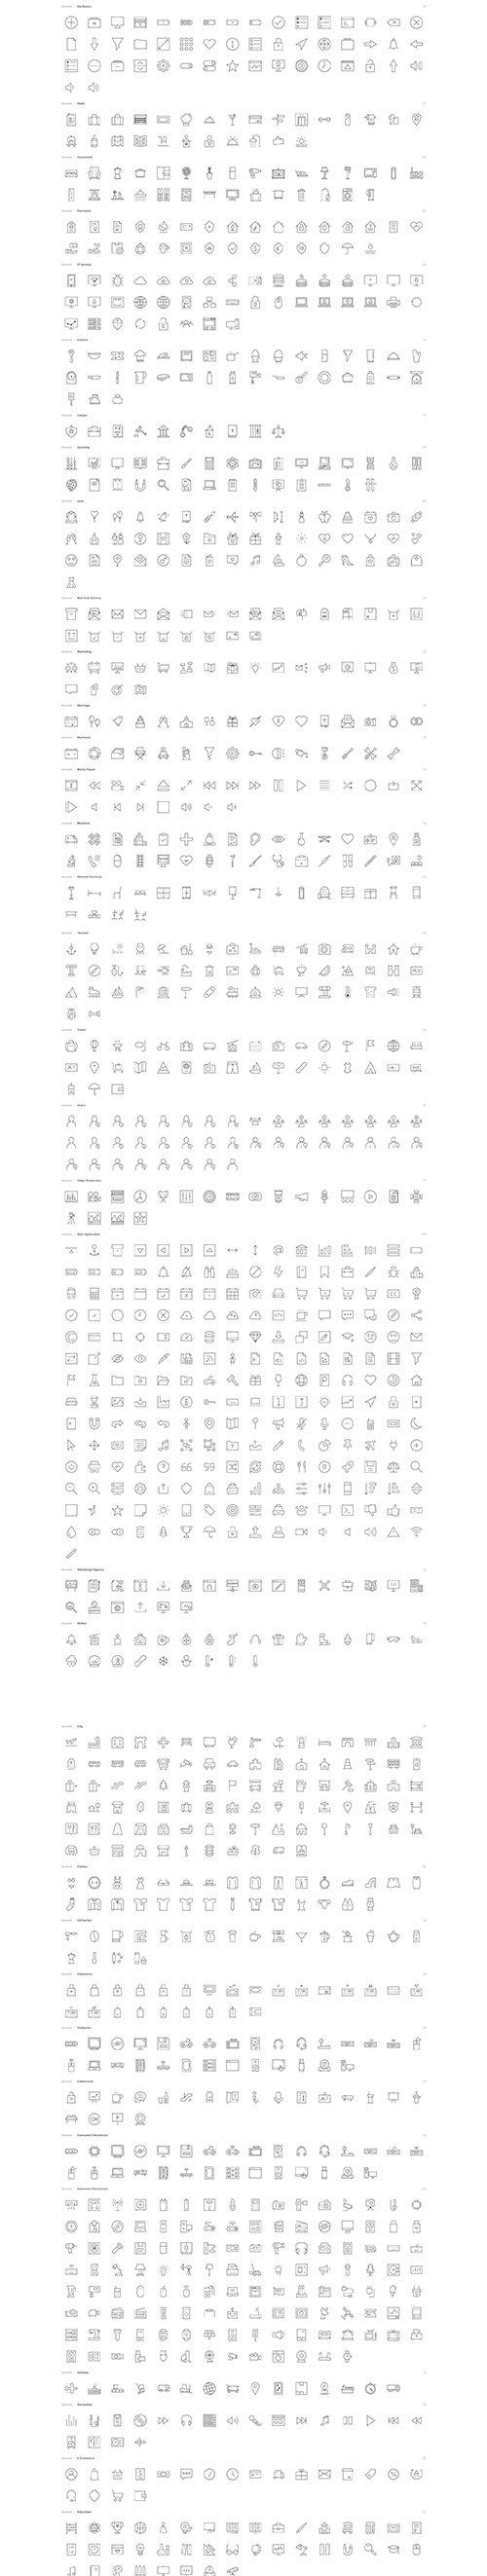 Thin Icons – Mega Bundle – 3000+ Icons